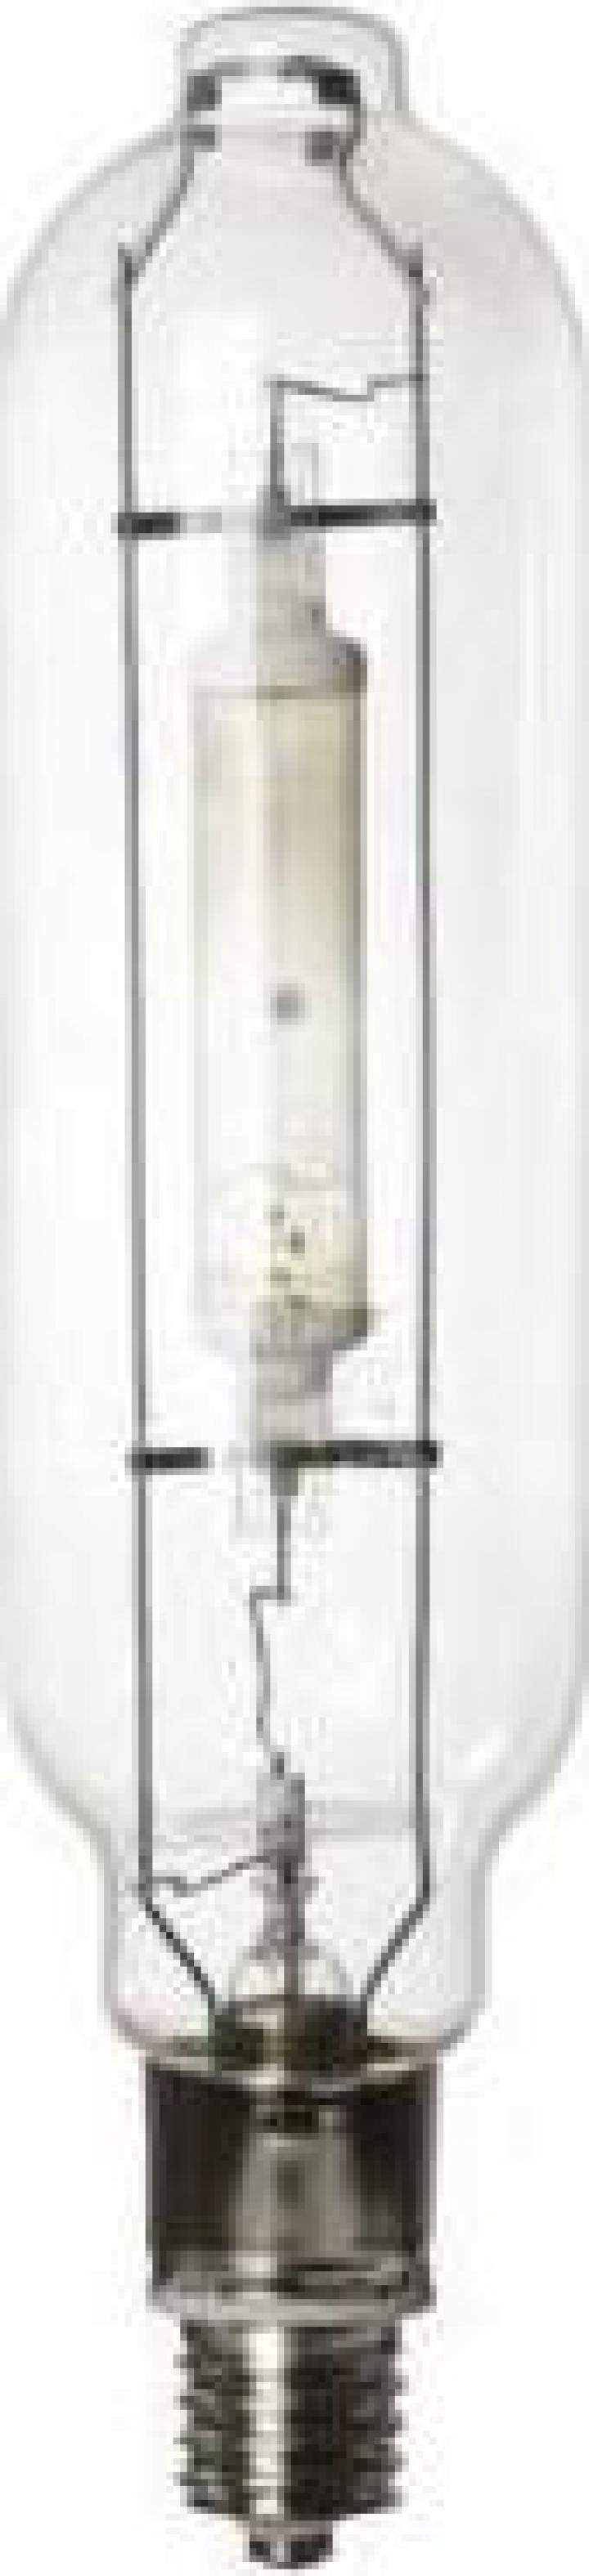 Bec mercur HGMI 230V 2000W GE30102 SPL2000/380V/T/H/960/E40